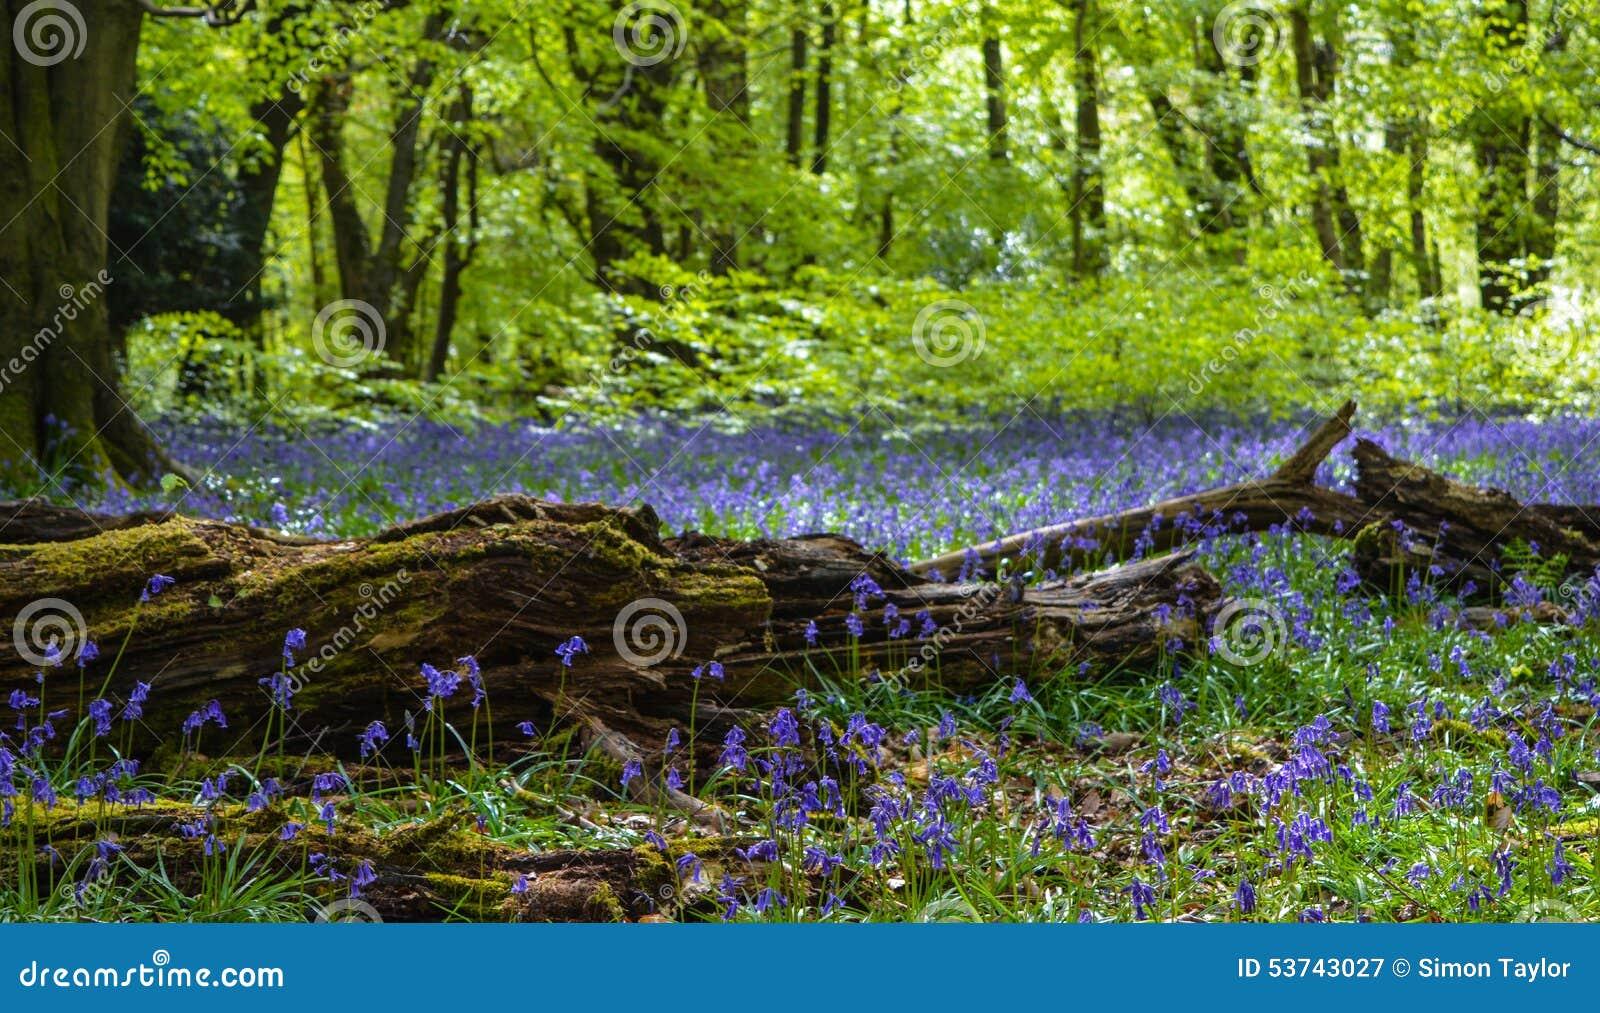 Alberi di campanule vecchio ramo fotografia stock - Alberi bassi da giardino ...